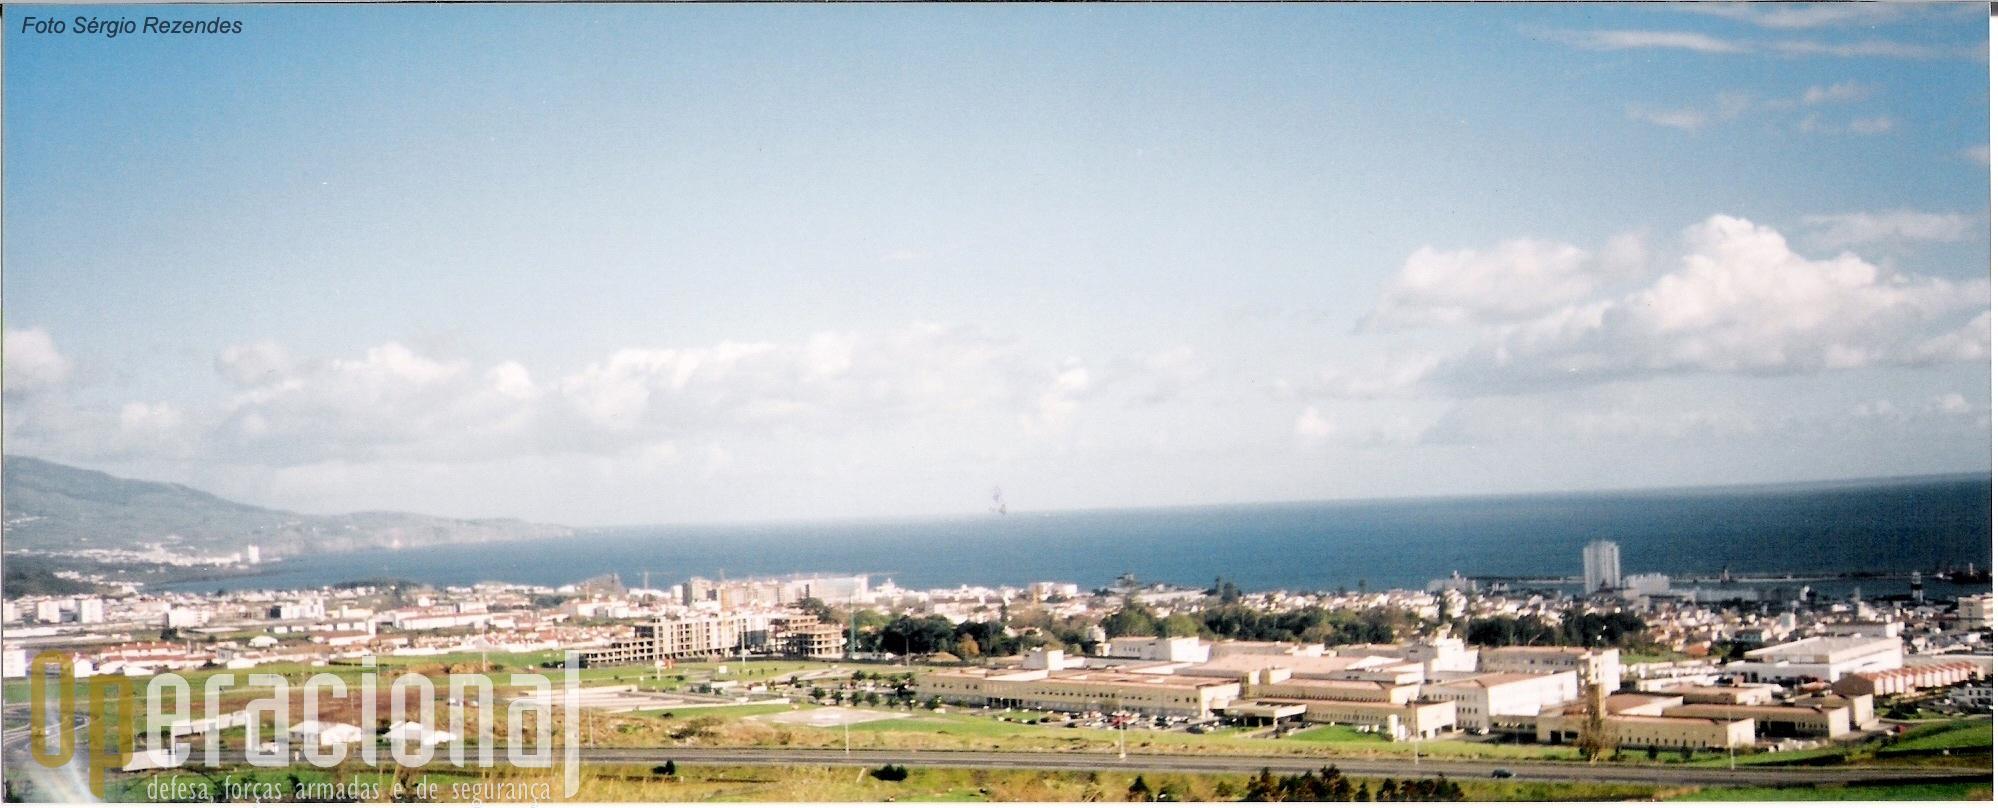 ...quer urbana quer rural, vendo Ponta Delgada de um ângulo que já foi secreto.